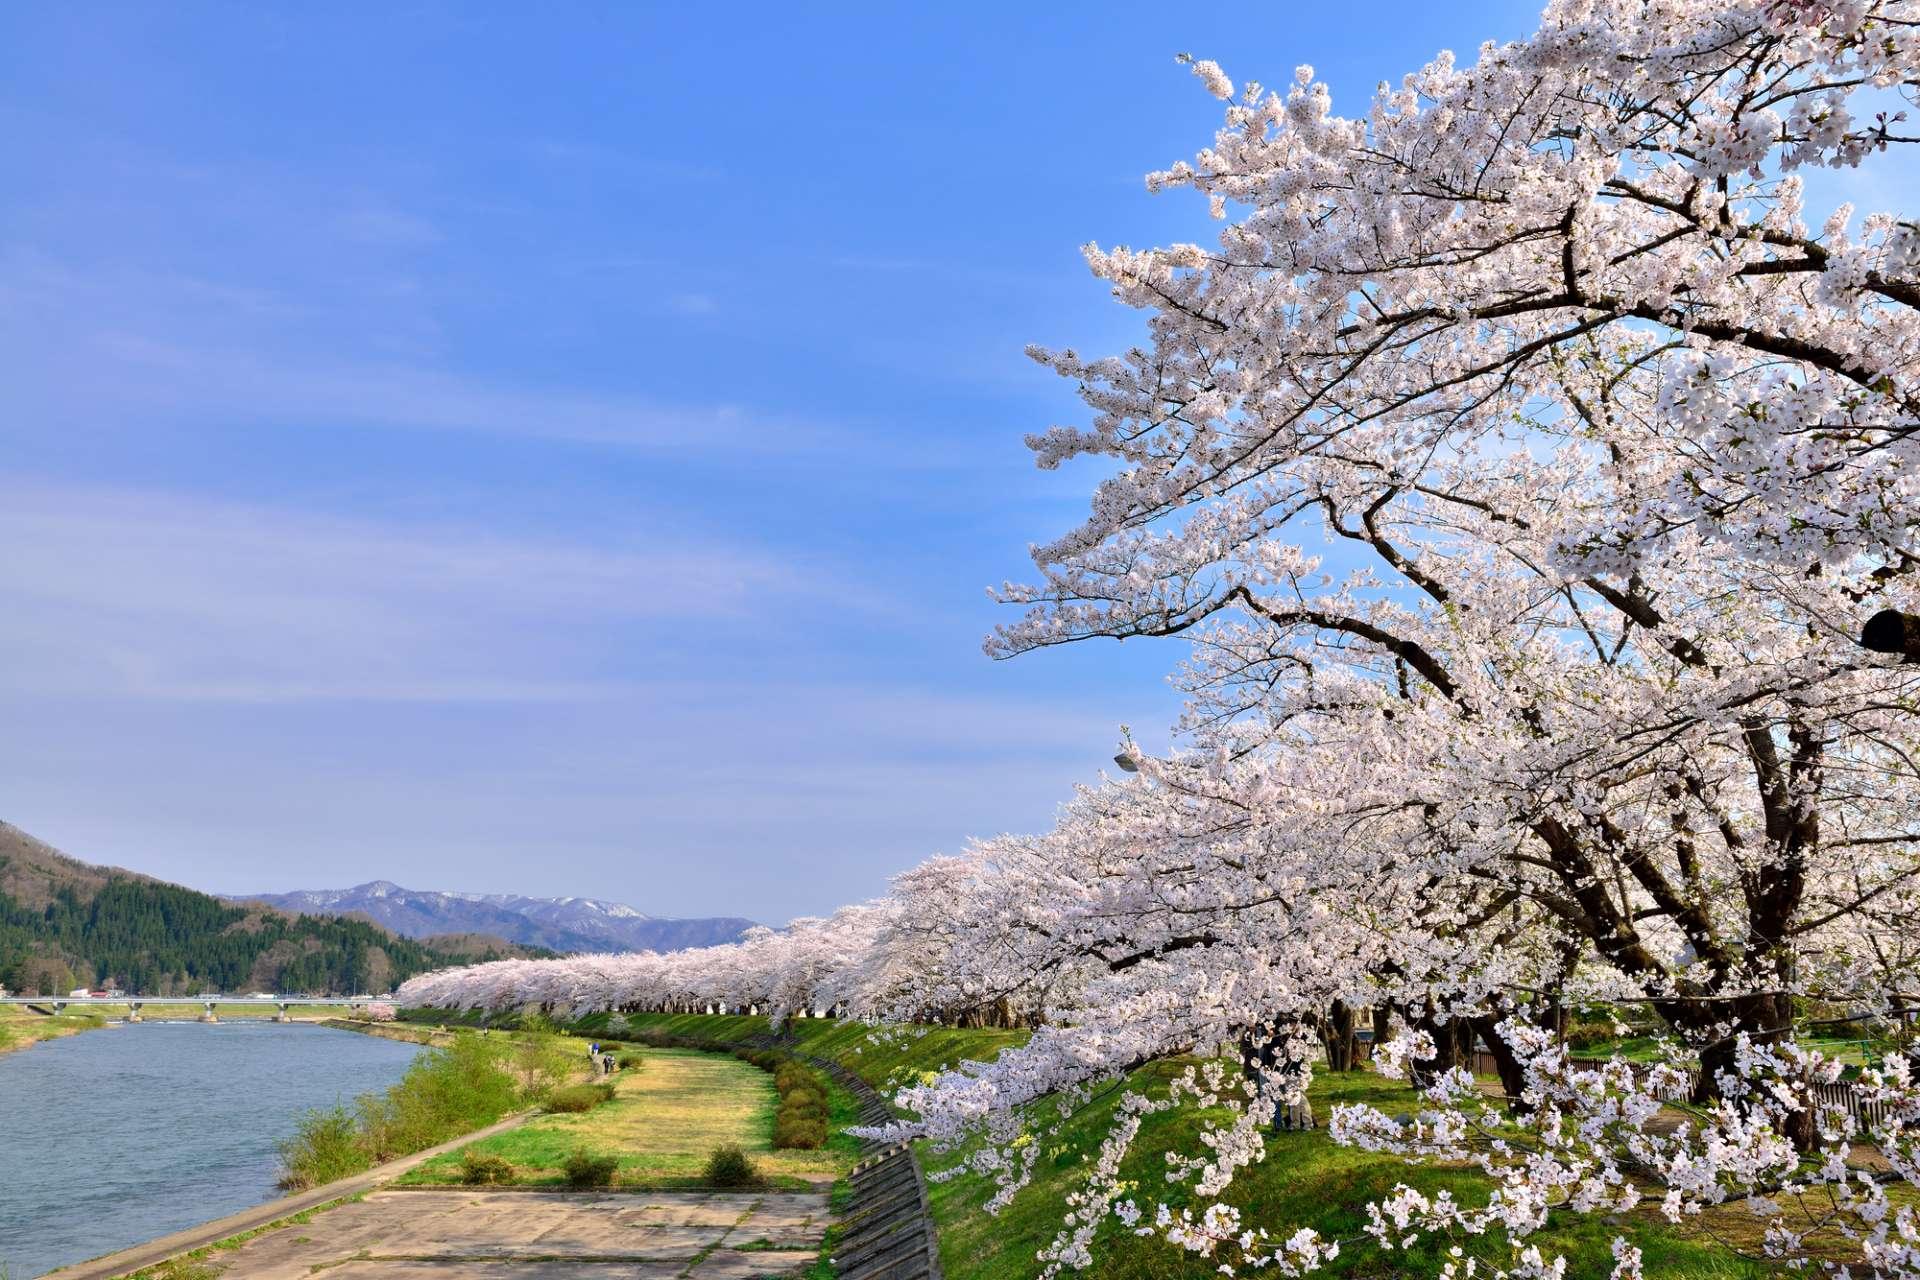 残雪犹存的群山与樱花相互辉映的桧木内川美景